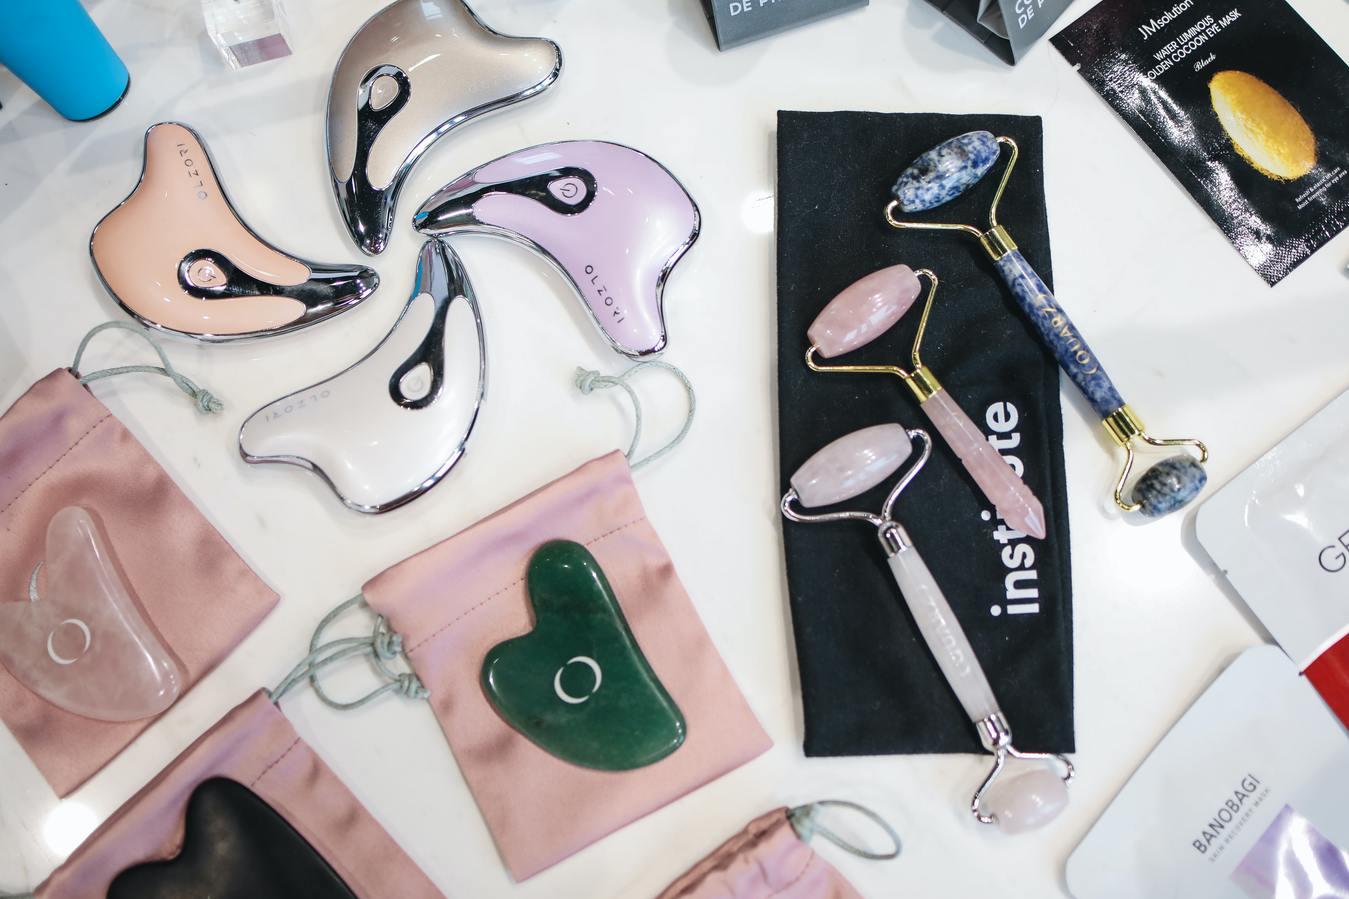 ferramentas para cuidados com o rosto sobre a mesa